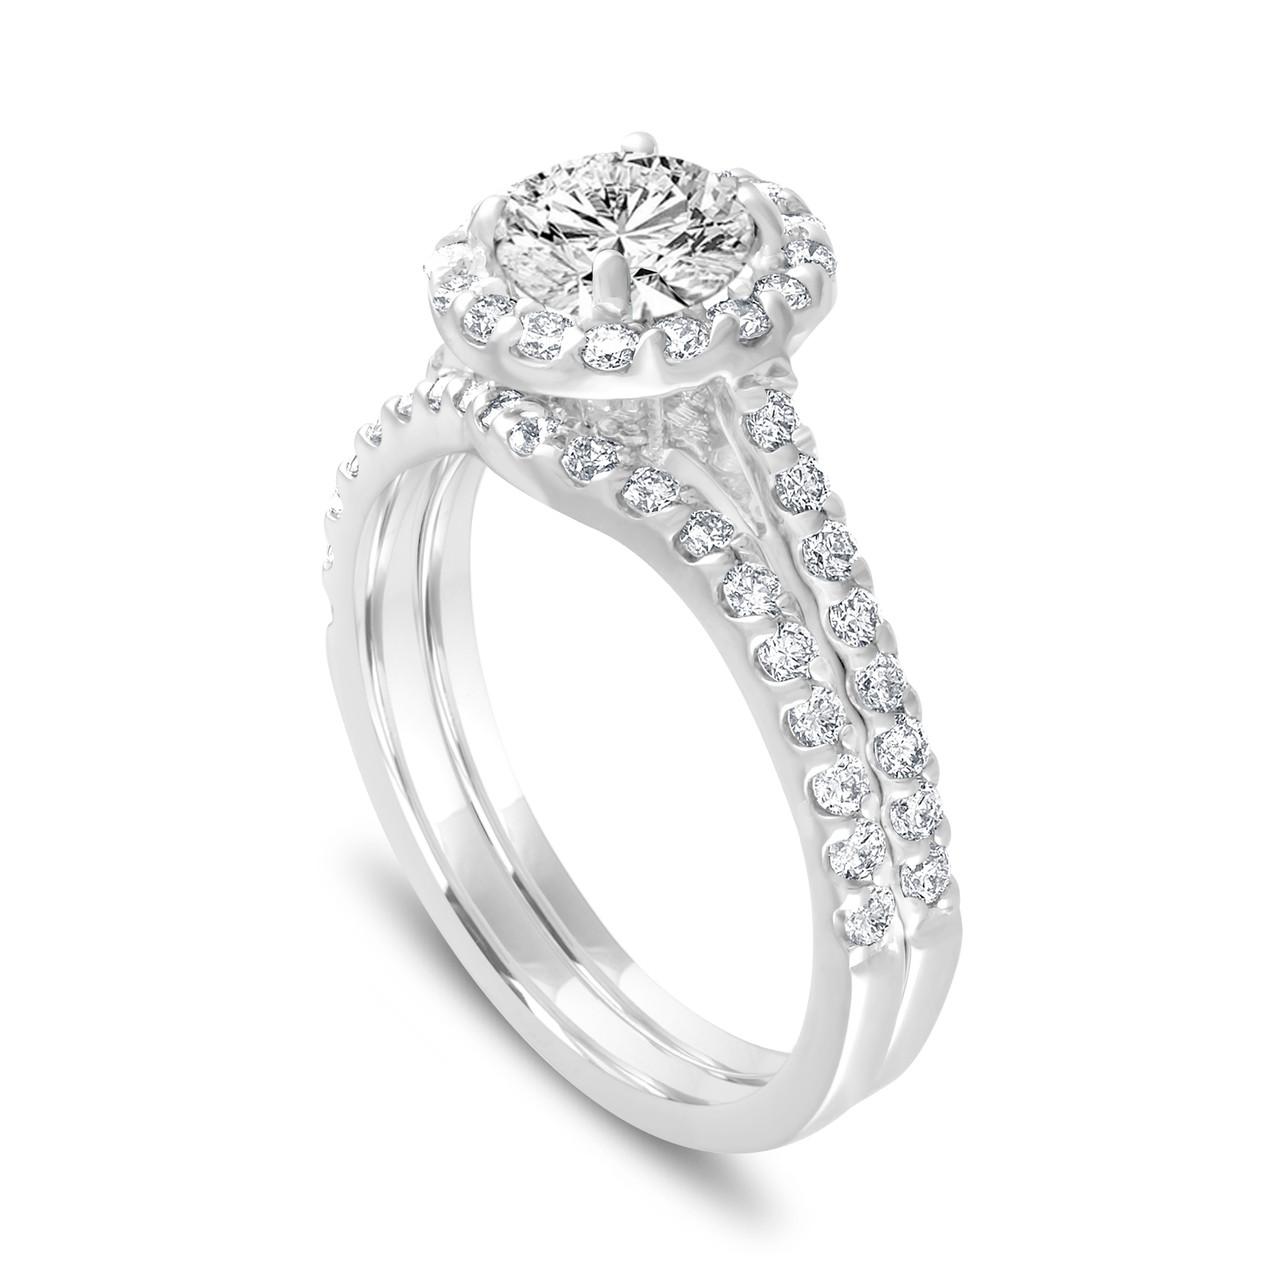 Wedding Ring Sets.1 84 Carat Diamond Engagement Ring Set Halo Bridal Ring Sets Gia Certified Pave Wedding Rings Set 14k White Gold Handmade